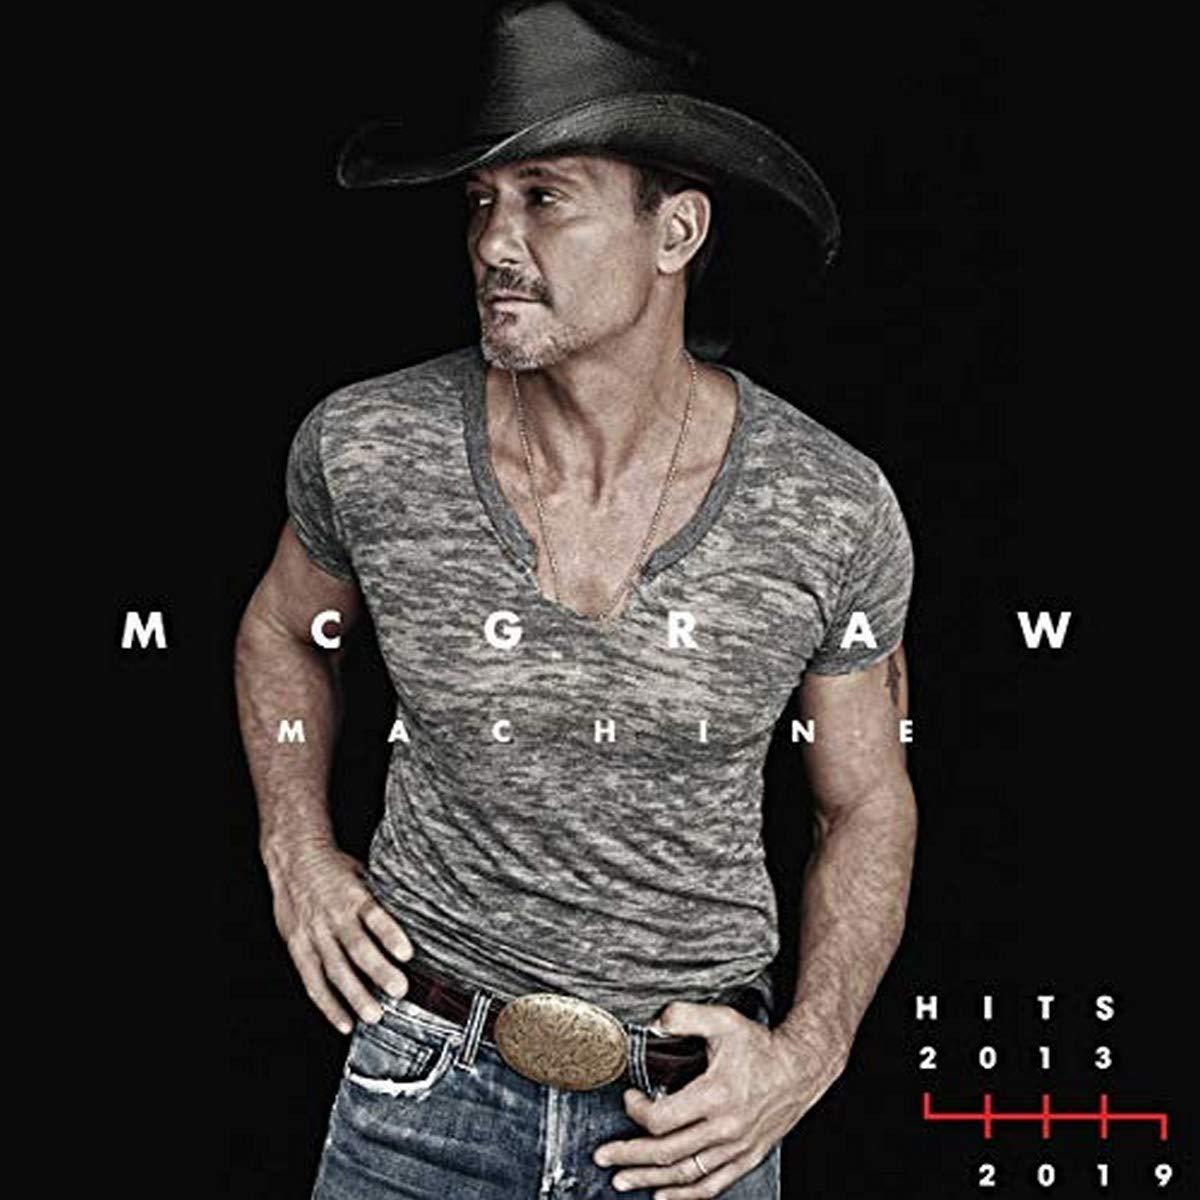 Tim McGraw - McGraw Machine Hits: 2013-2019 - Amazon.com Music